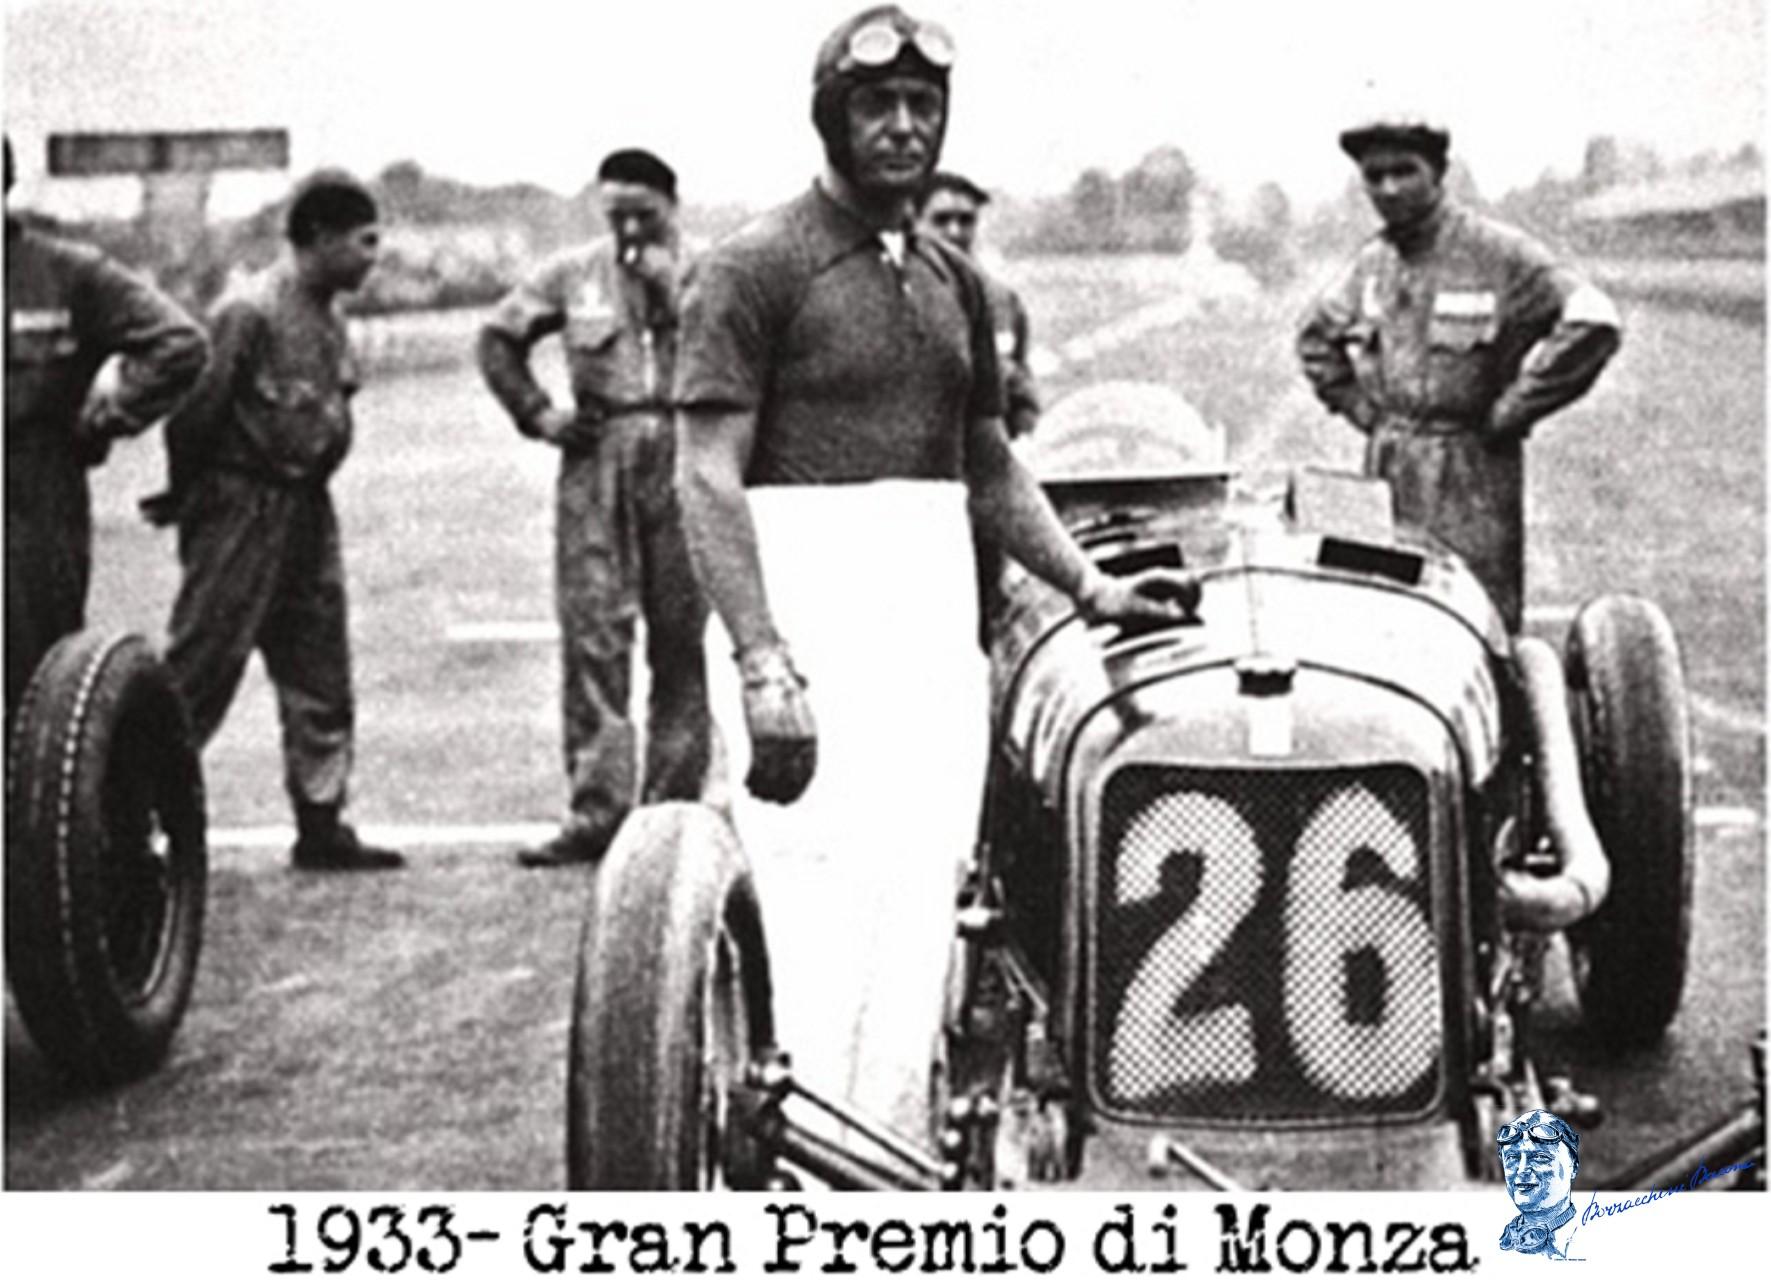 1933 gran premio monza 3